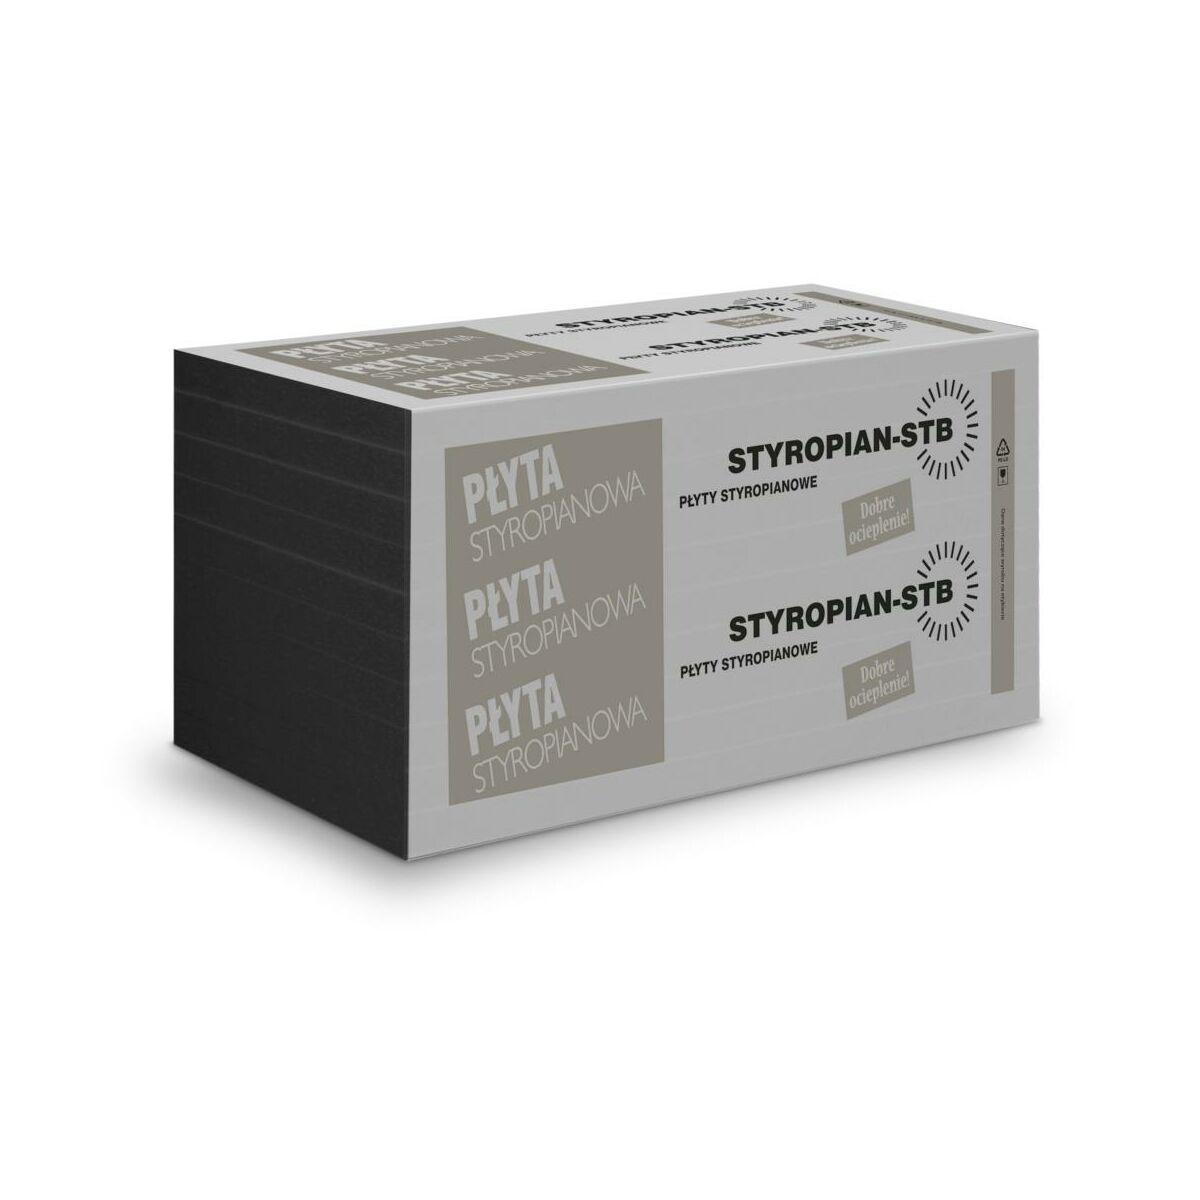 Styropian Fasadowy Niefrezowany 033 Styrgraf 150 Mm Stb Styropian